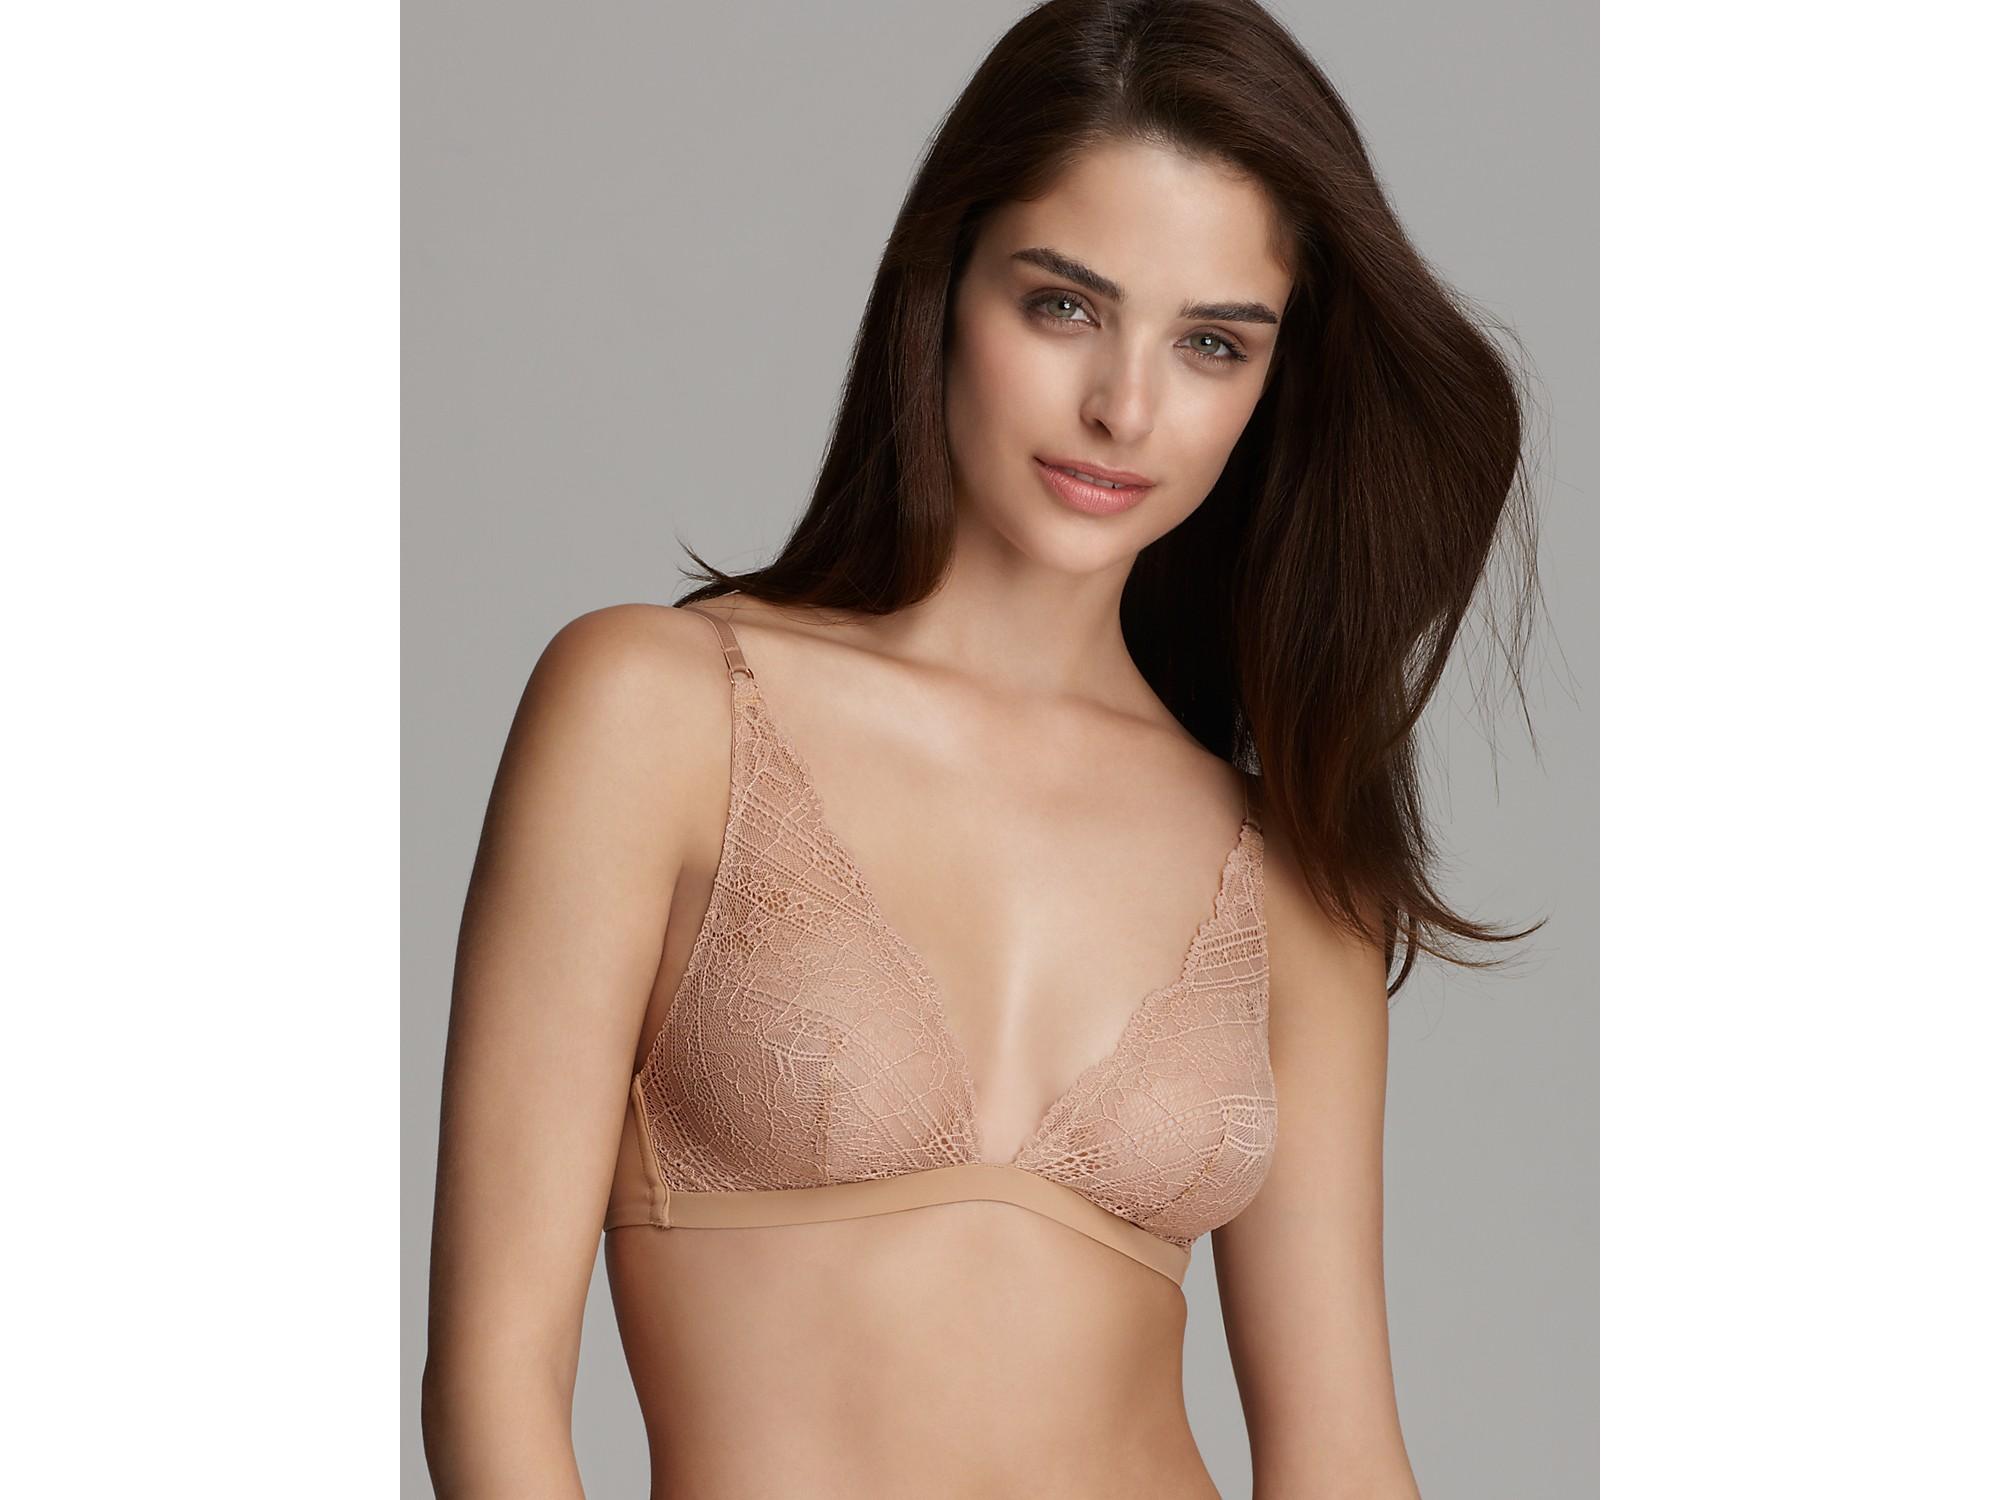 Calvin klein Underwear Envy Lace Triangle Bra in Natural   Lyst